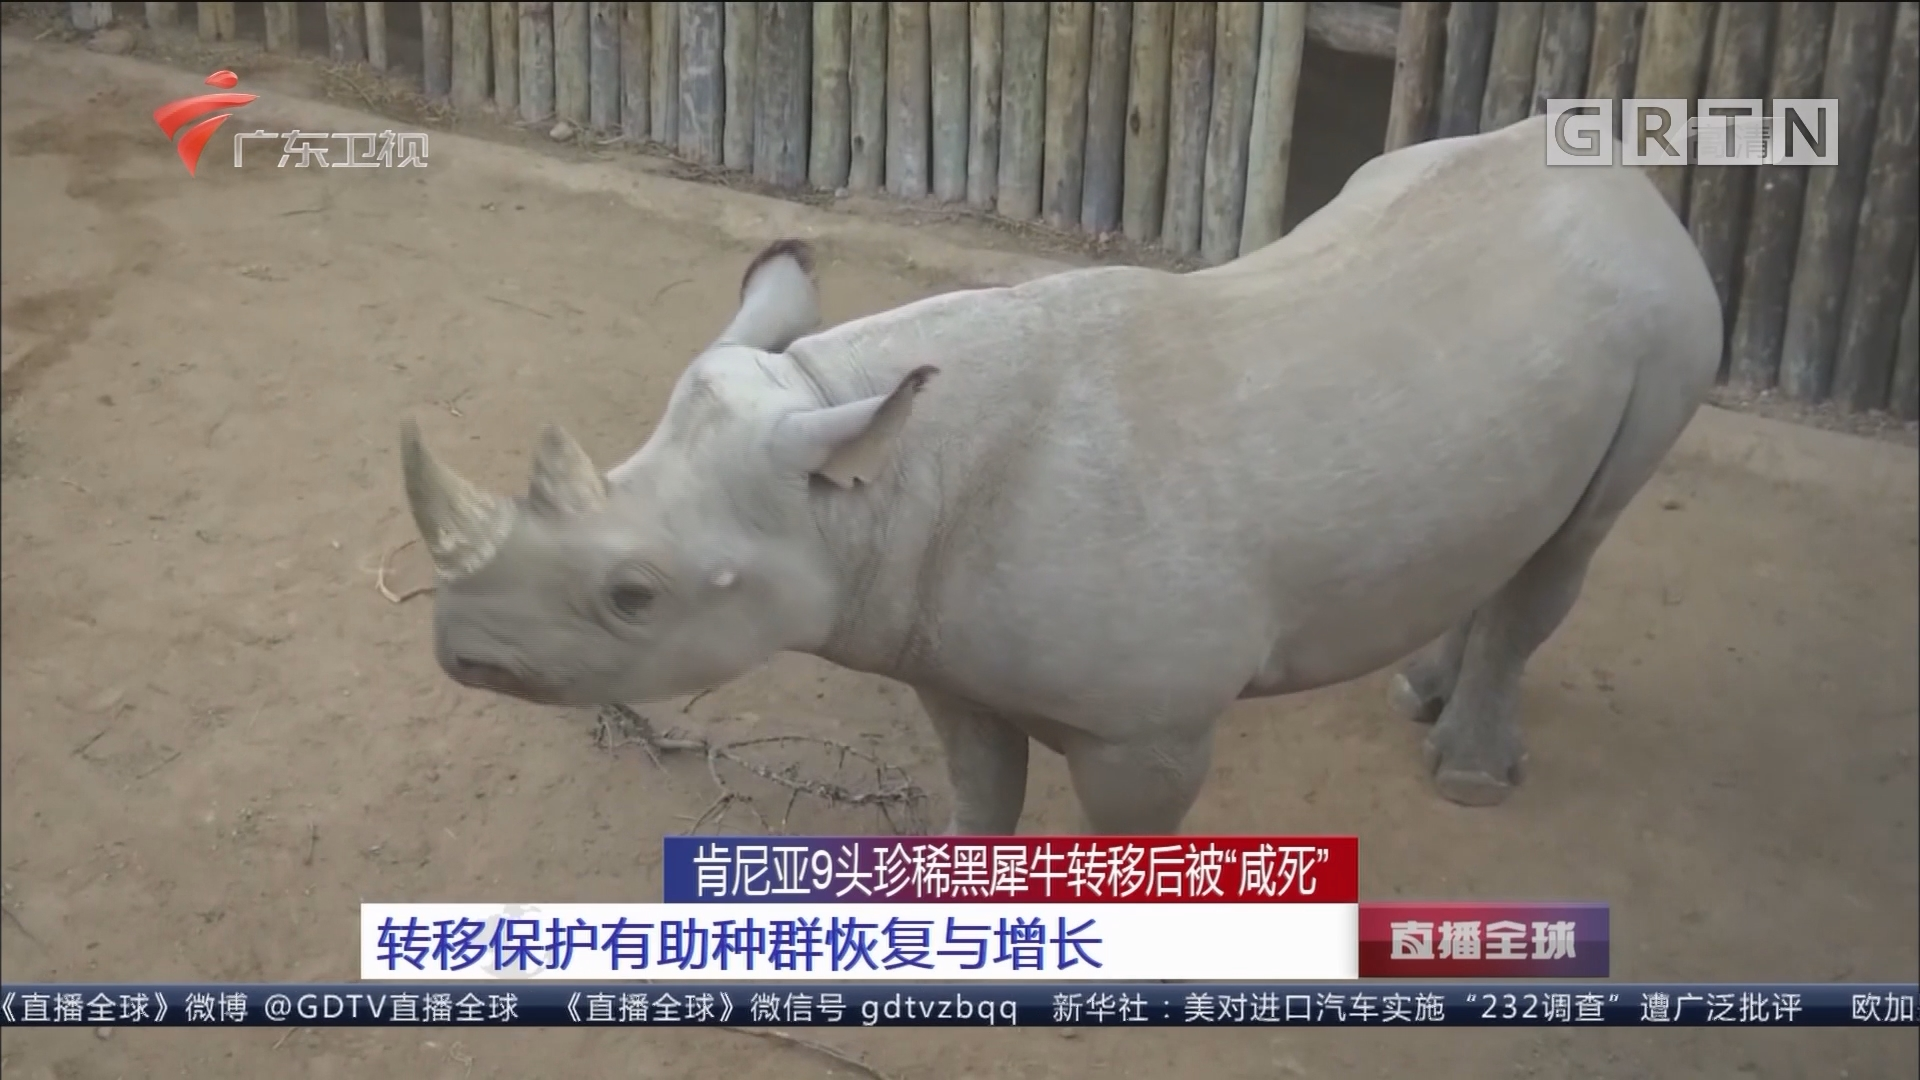 """肯尼亚9头珍稀黑犀牛转移后被""""咸死"""":转移保护有助种群恢复与增长"""